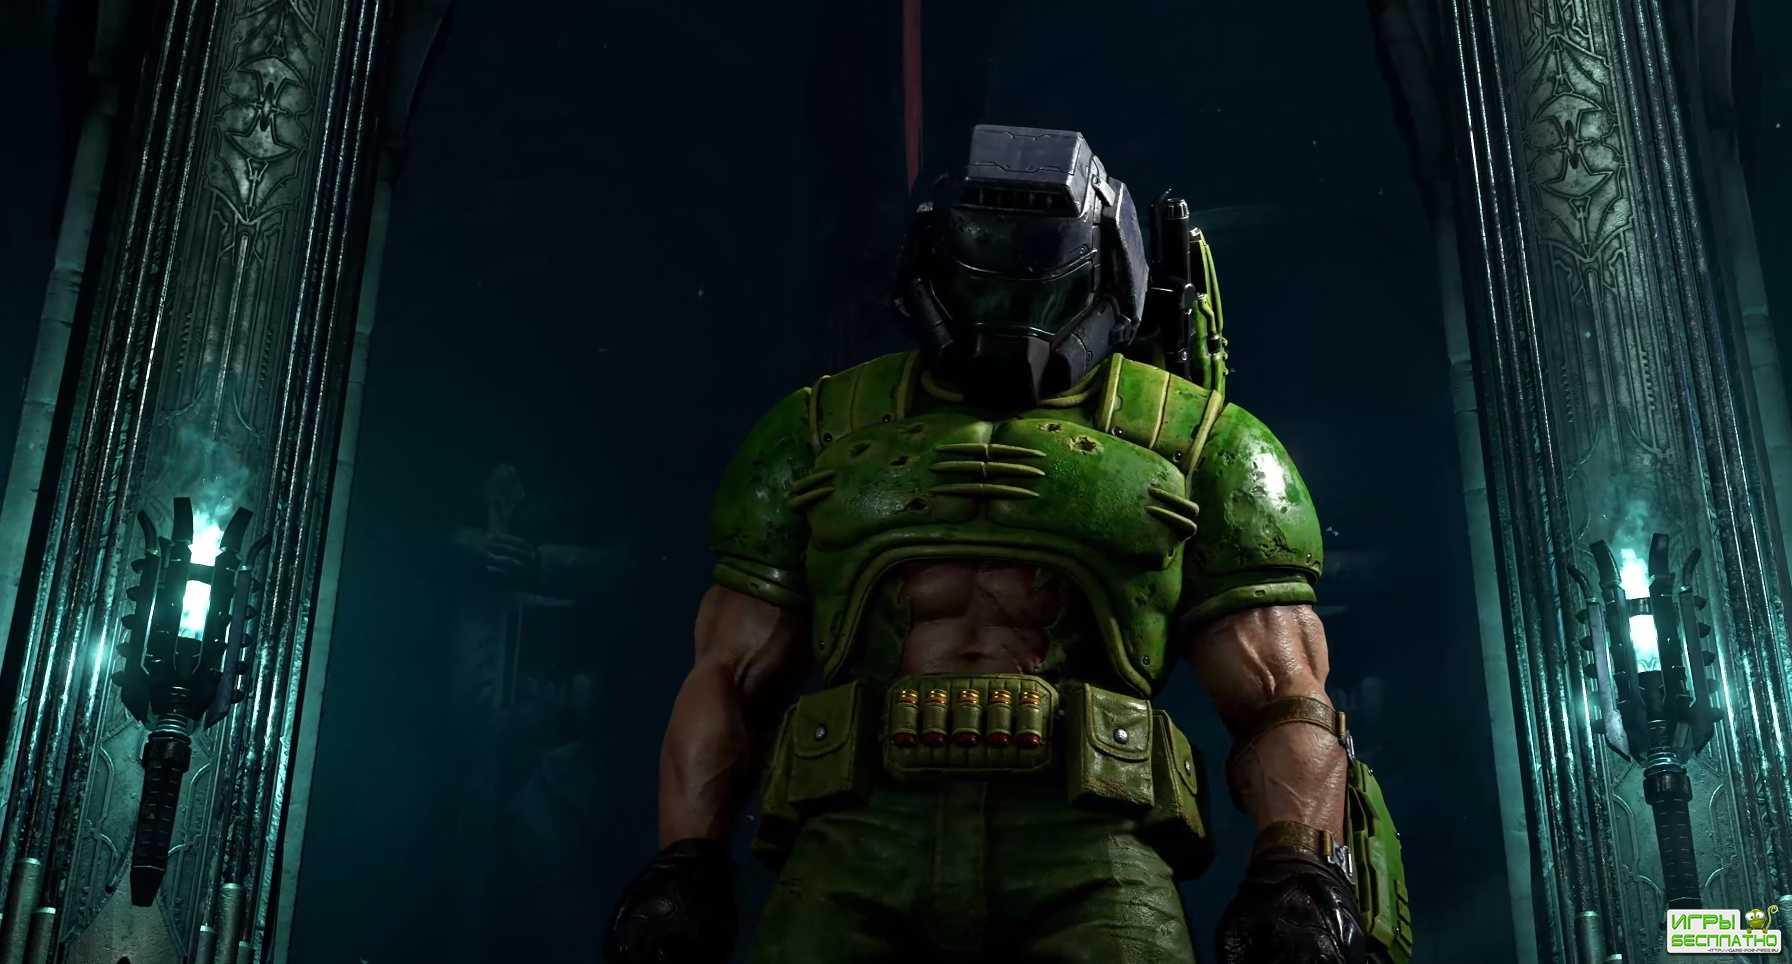 Трейлер, посвященный кастомизации героя в Doom Eternal